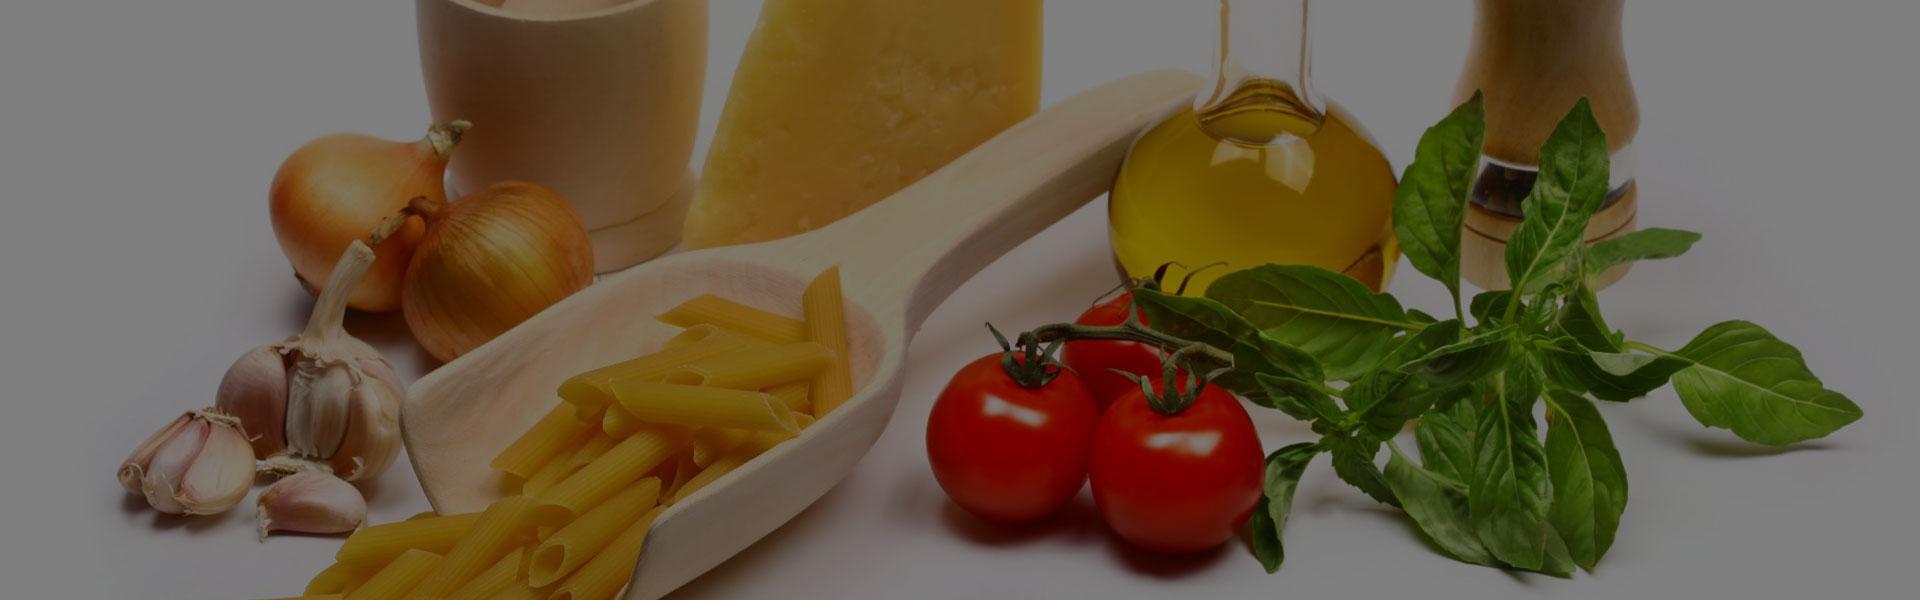 Viaggio in italia zenandcook - Corsi di cucina genova ...